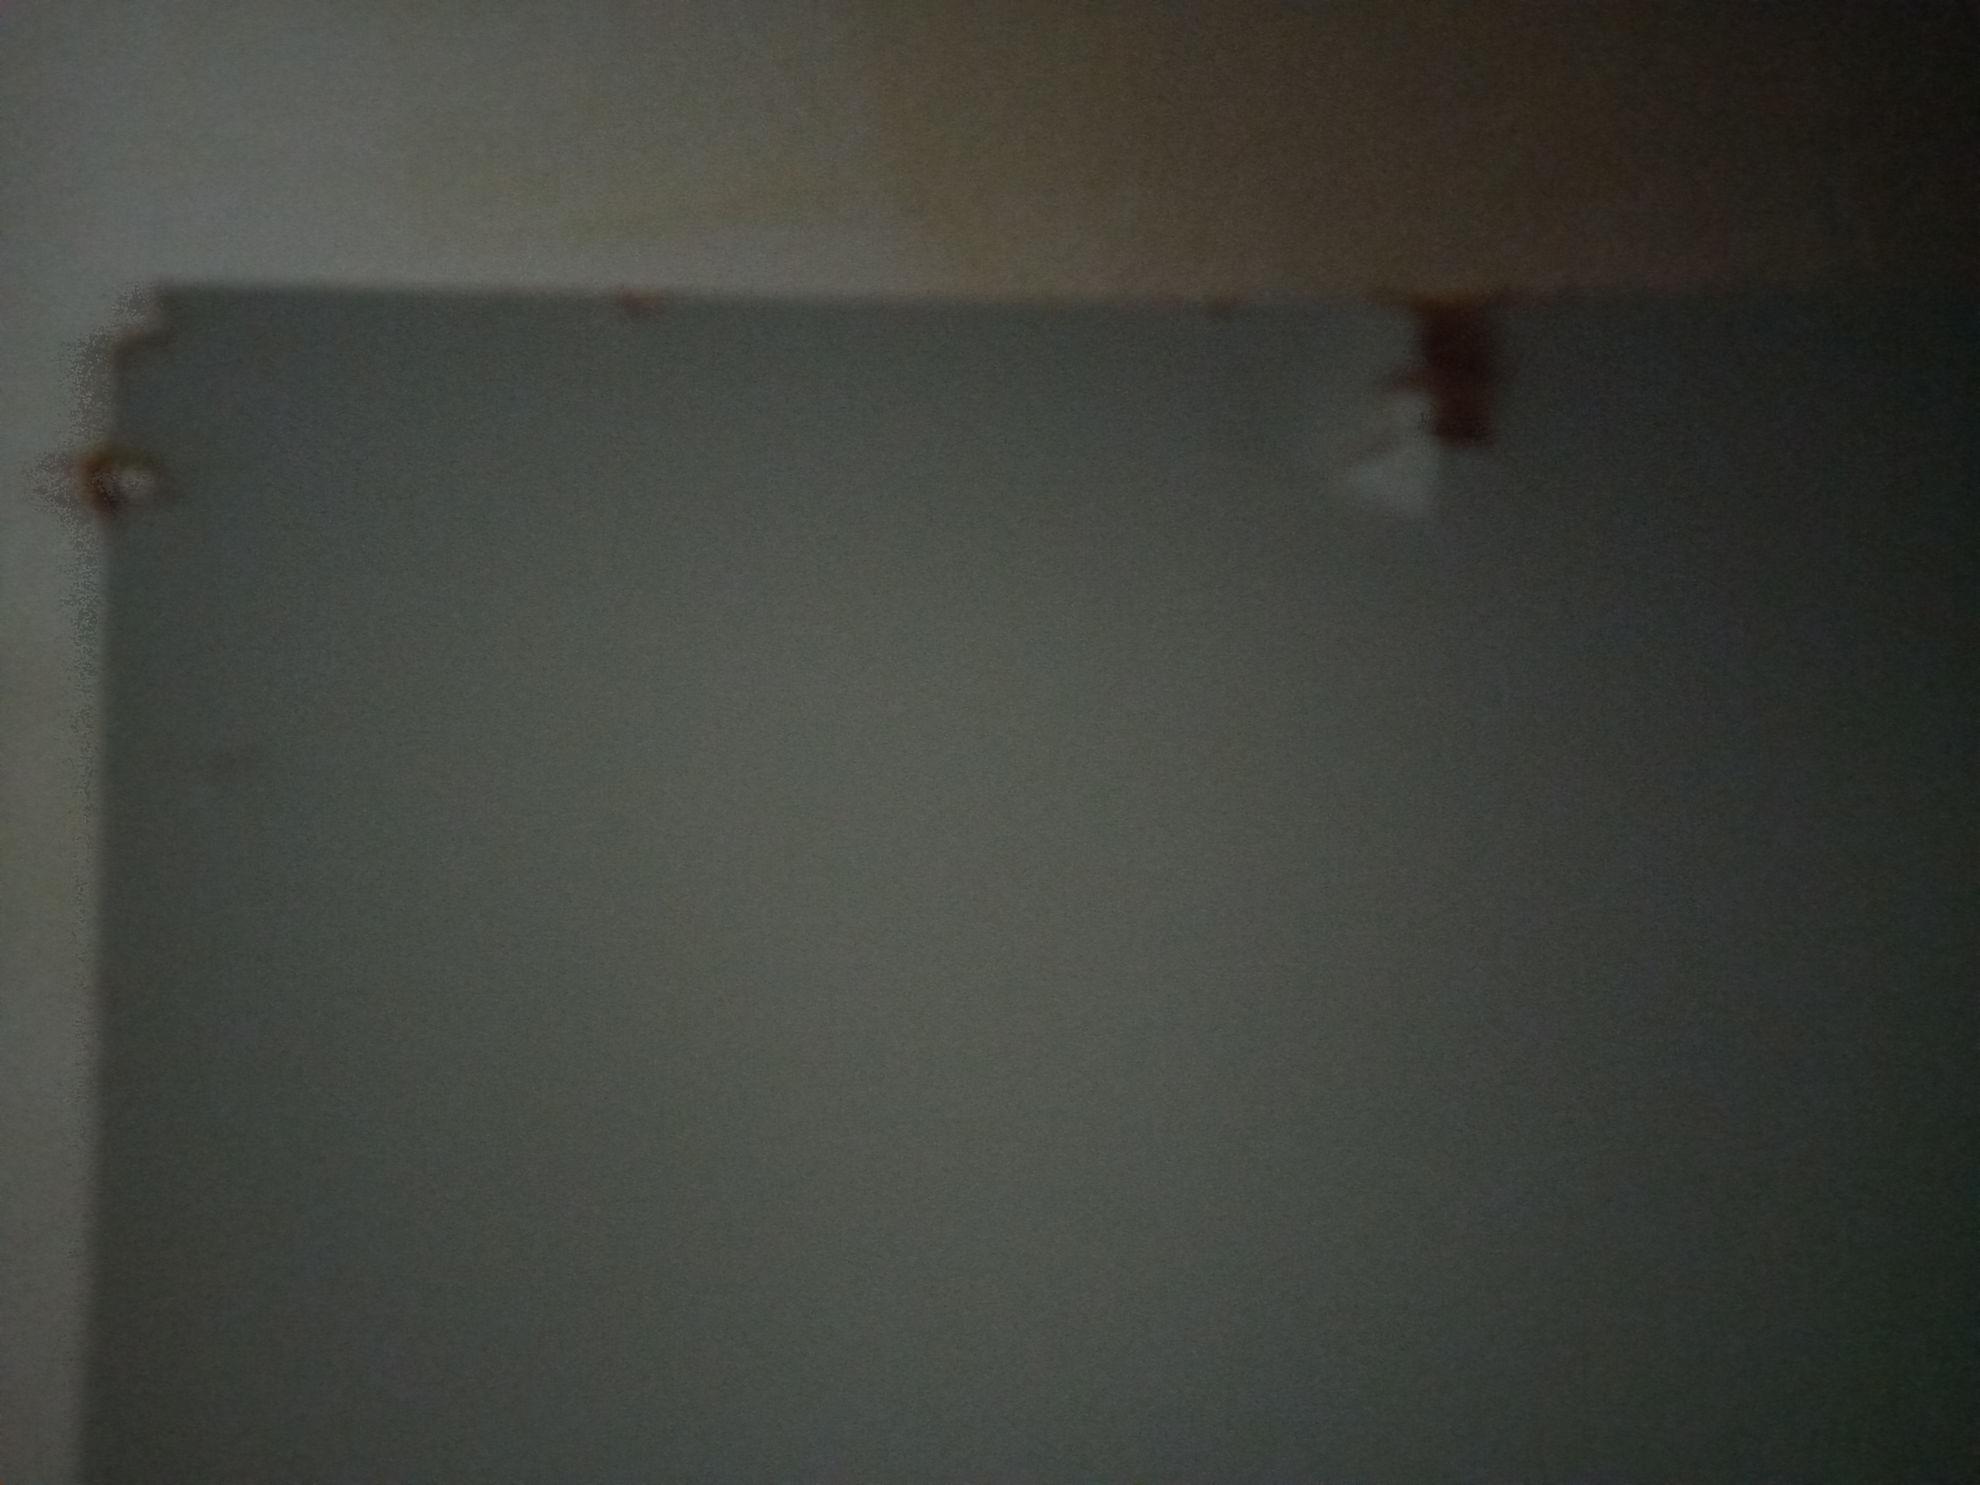 Ikea dombas 3 kapılı, beyaz, ahşap gardırop  resmi